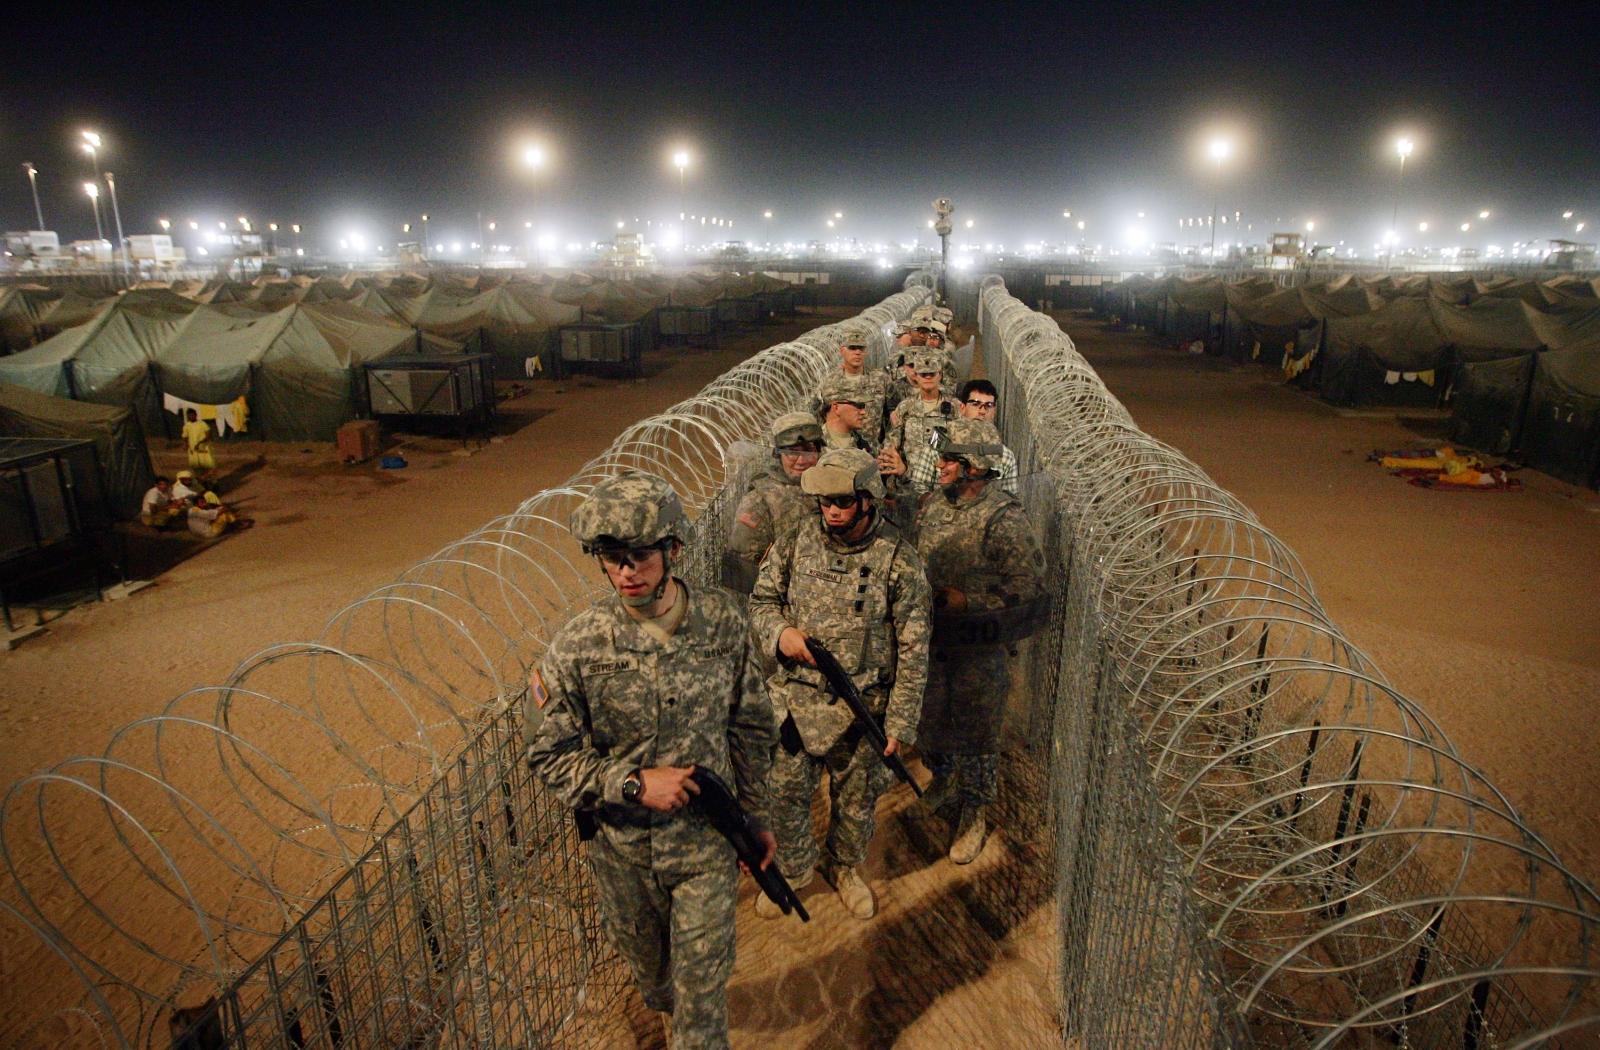 Camp Bucca, Iraq